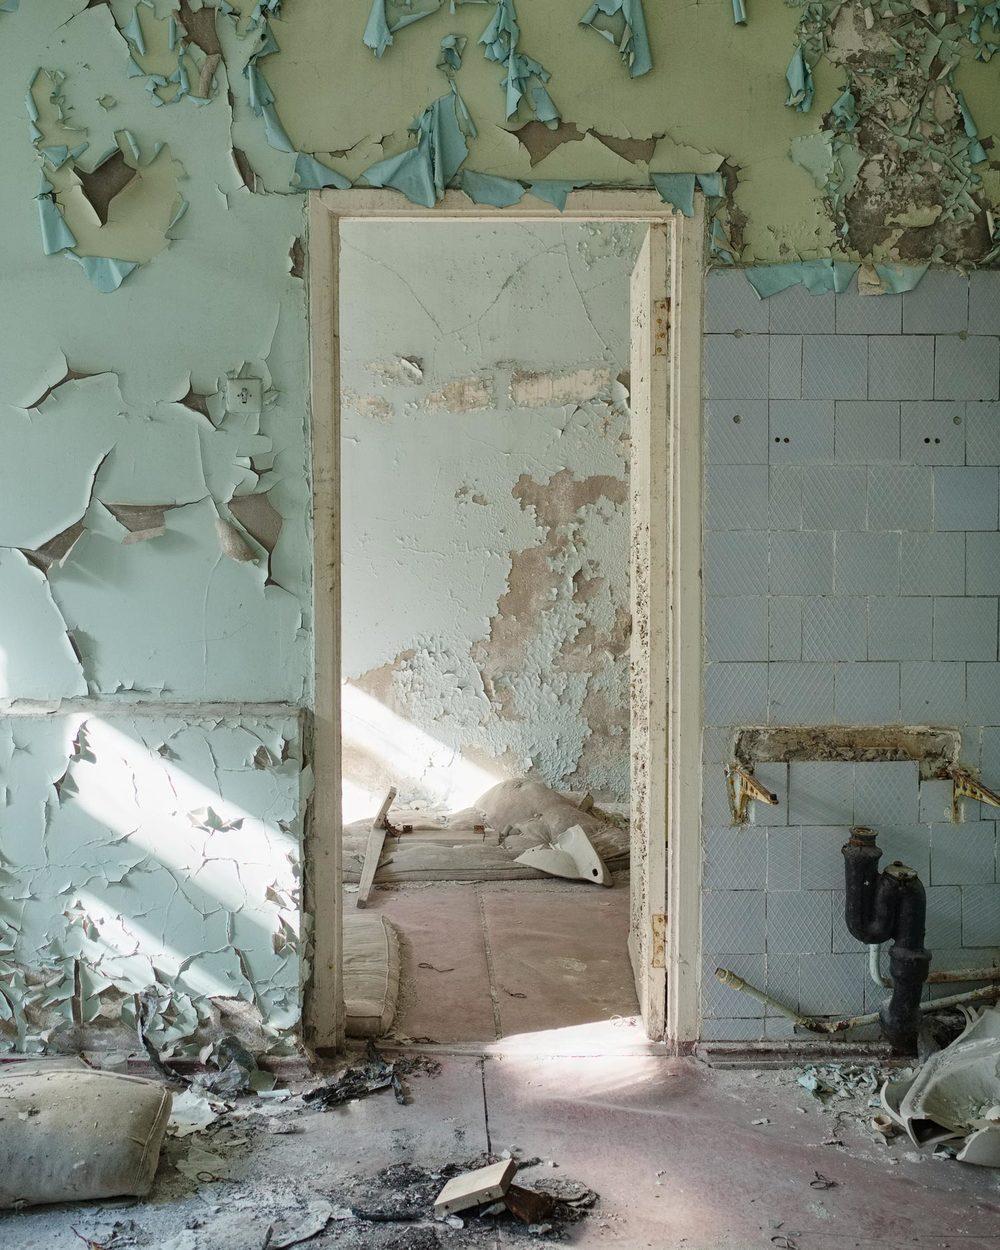 238_chernobyl_Hospital126_w.jpg